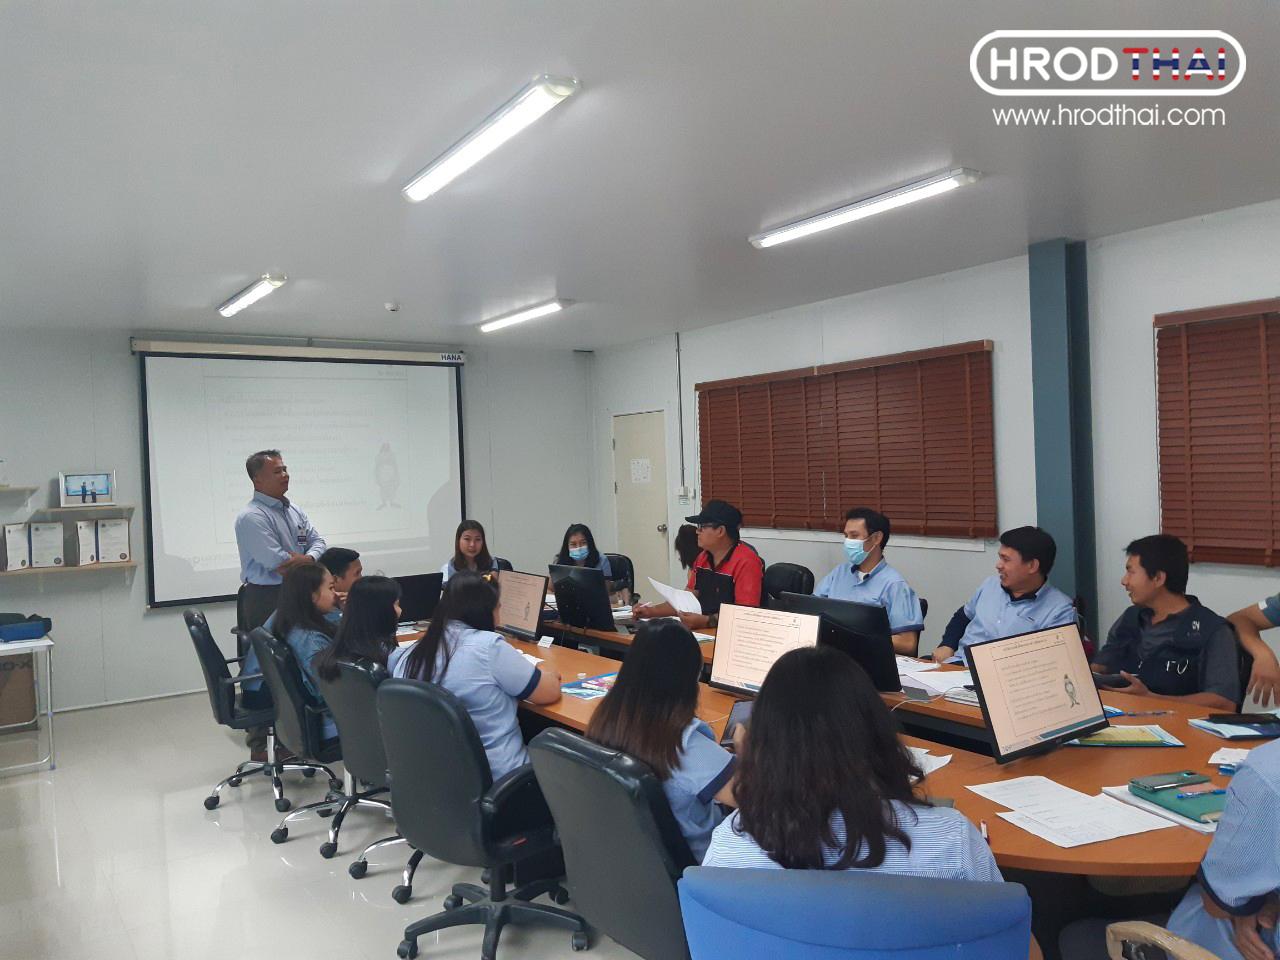 อบรม ISO 90012015 จ.ชลบุรี 06 16.10.63